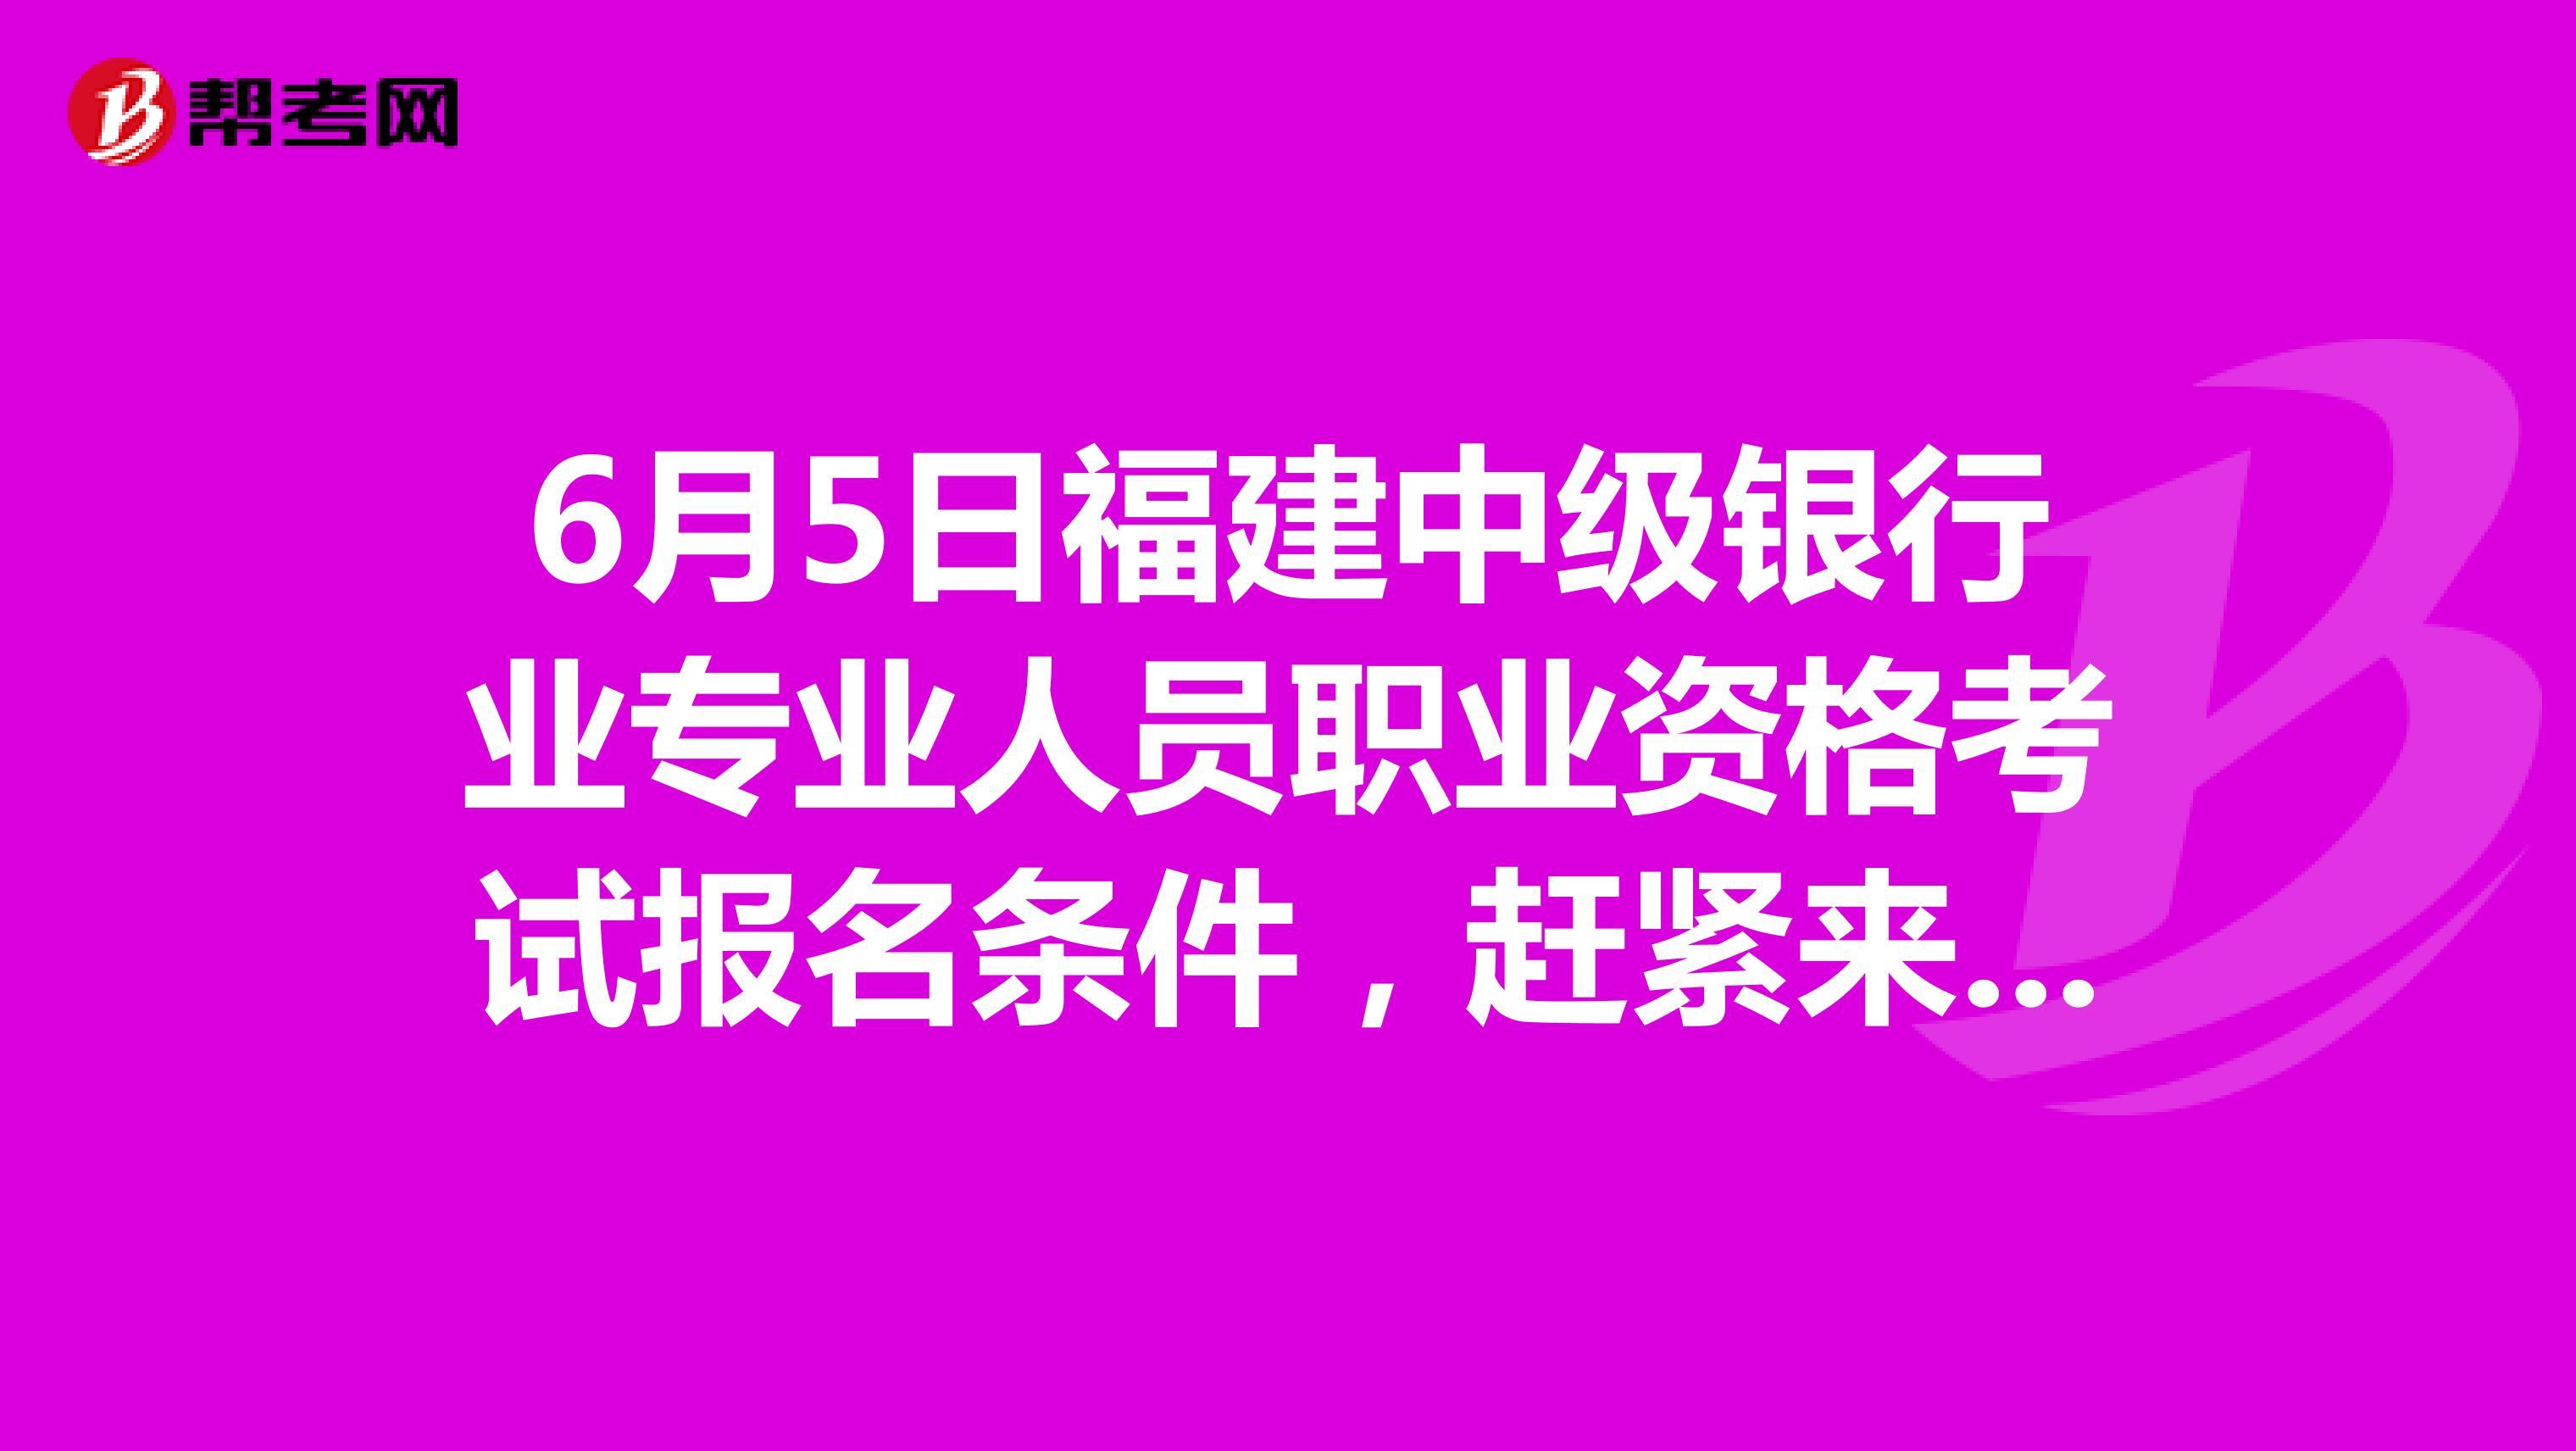 6月5日福建中級銀行業專業人員職業資格考試報名條件,趕緊來看!